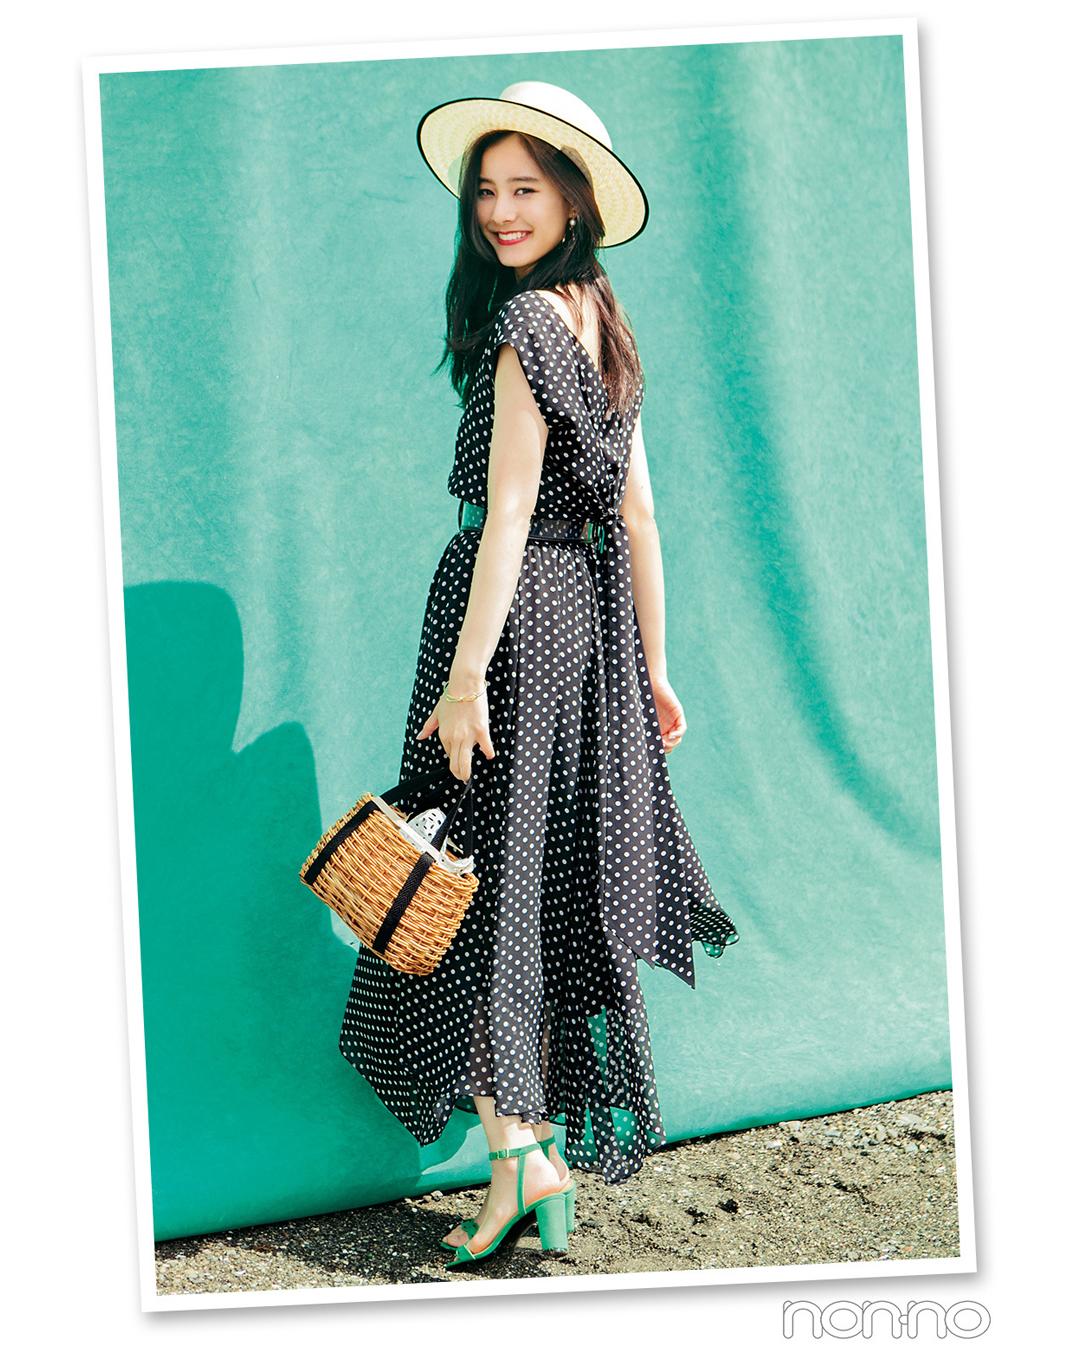 【夏のワンピースコーデ】新木優子は、パリシックなドット柄ワンピで大人色っぽコーデ♡